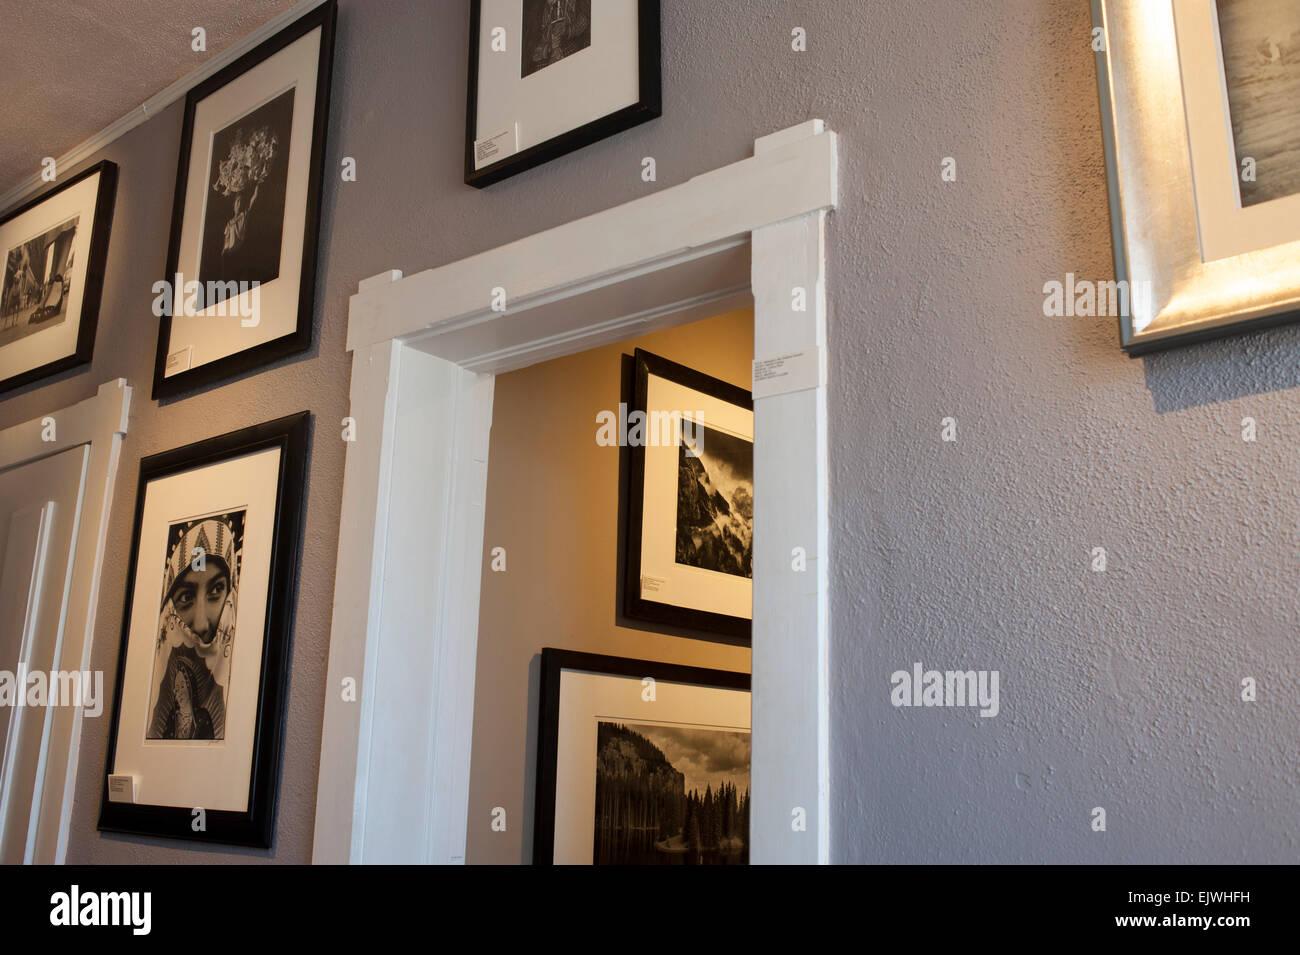 Estados Unidos New Mexico NM Santa Fe interior del Andrew Smith galería de arte fotografía clásicos para la venta Foto de stock